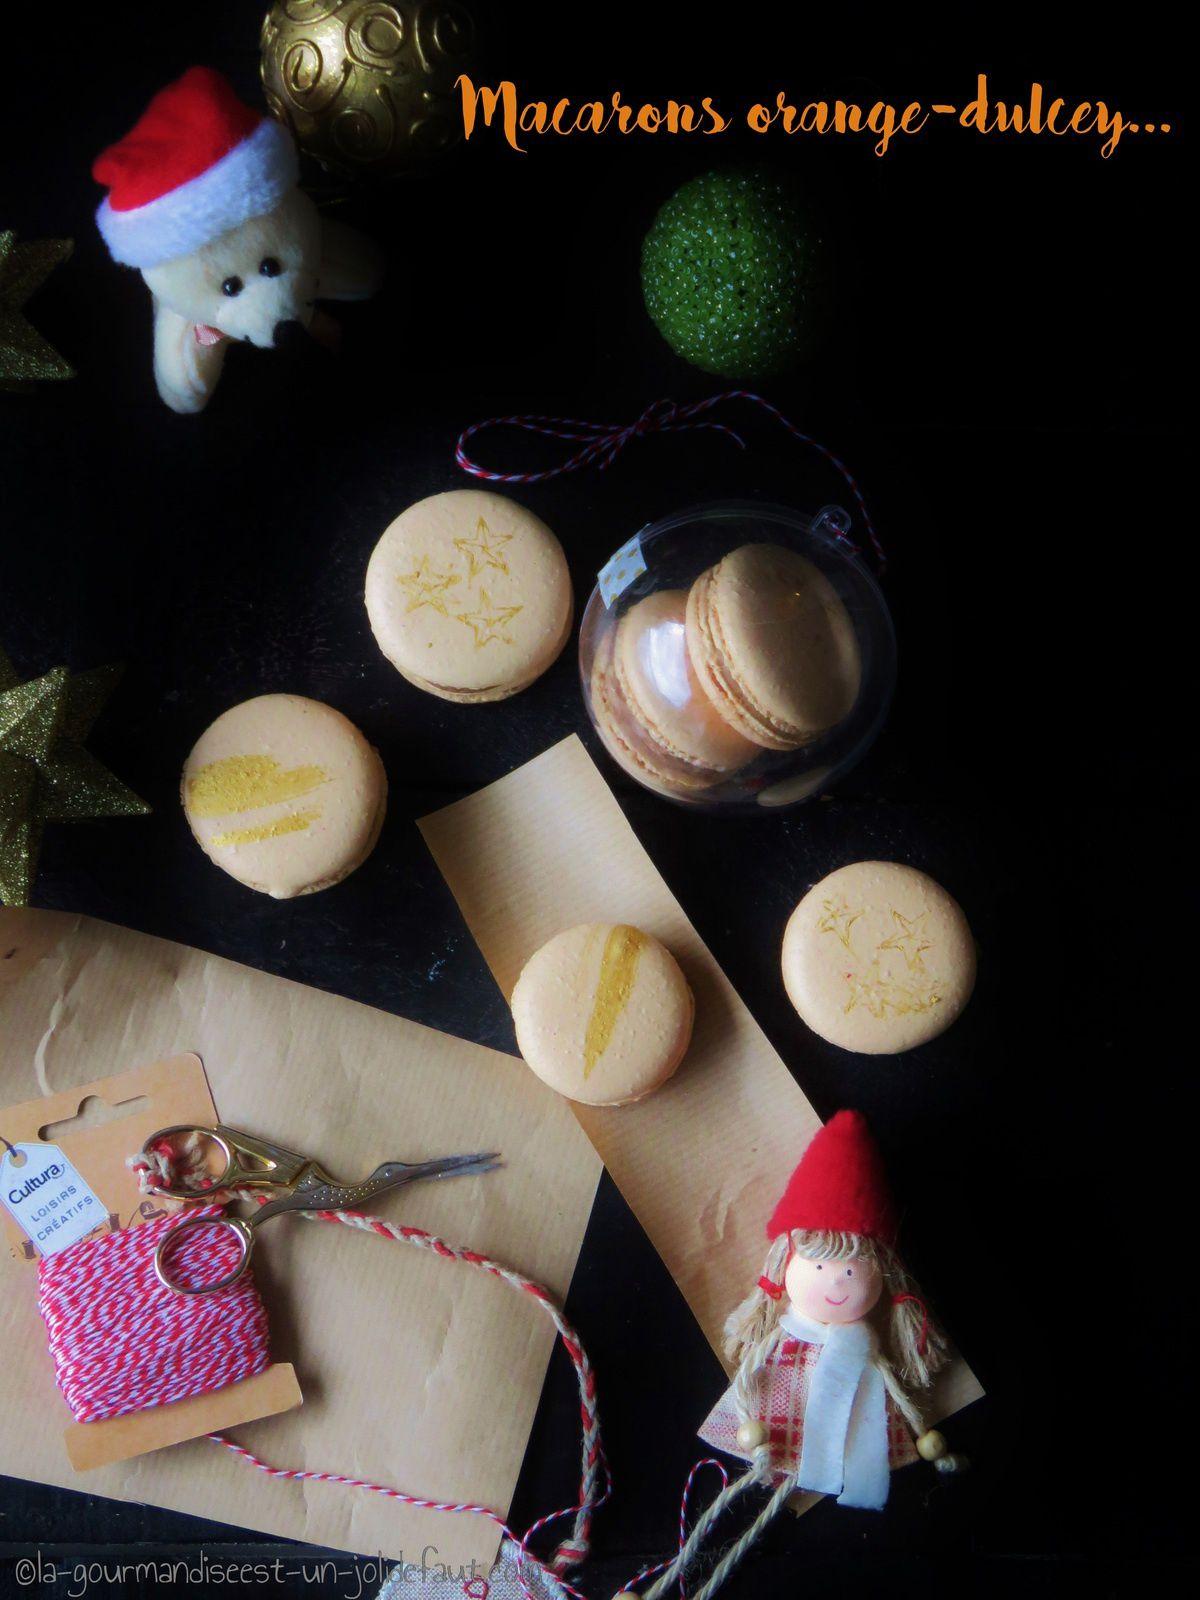 Macarons orange-dulcey au pain d'épice